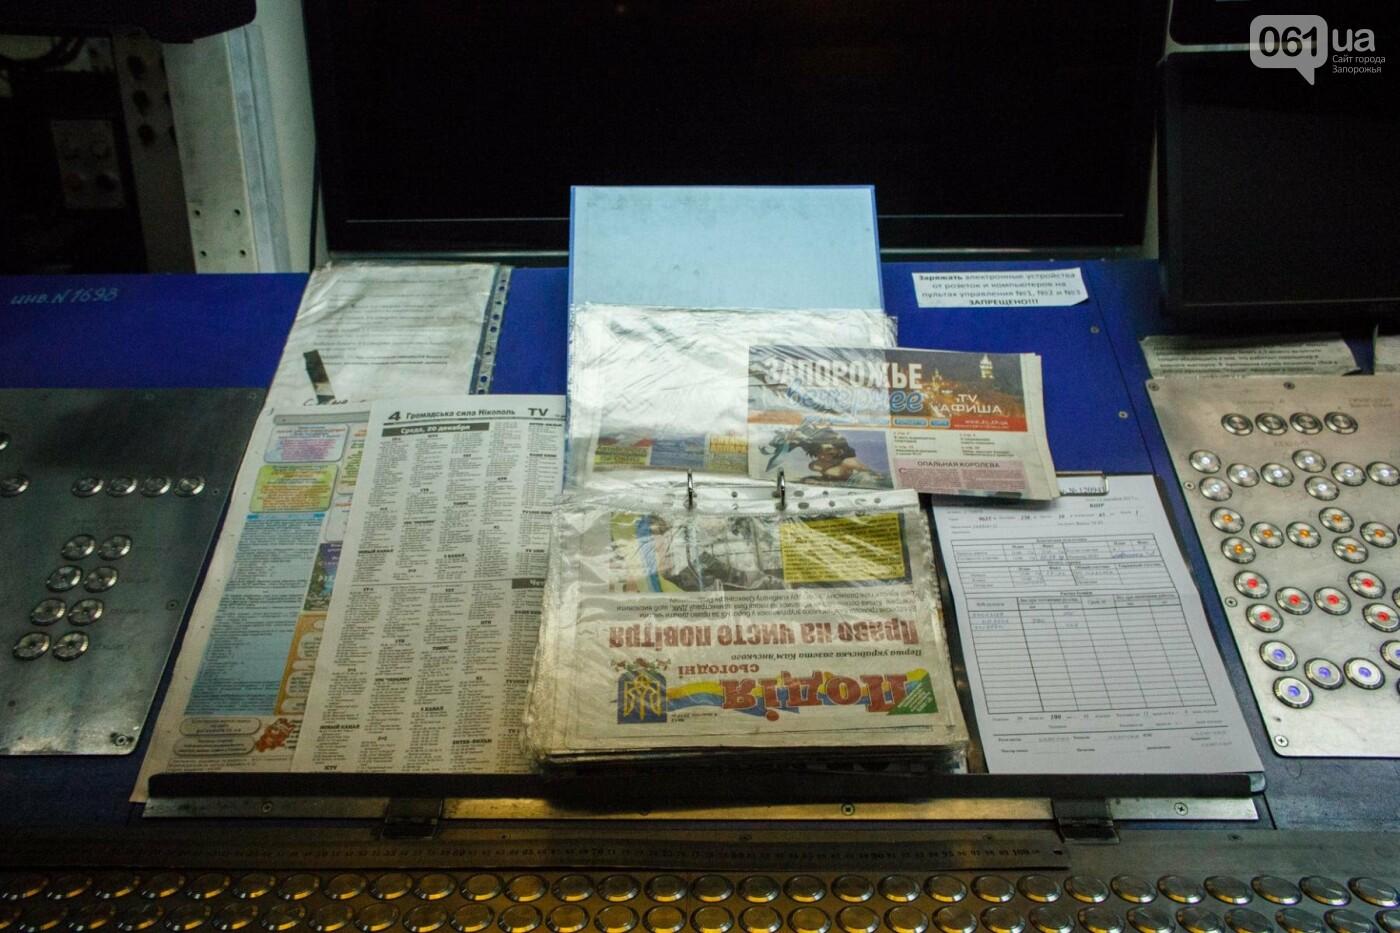 Как в Запорожье печатают газеты: экскурсия в типографию, - ФОТО, ВИДЕО, фото-23